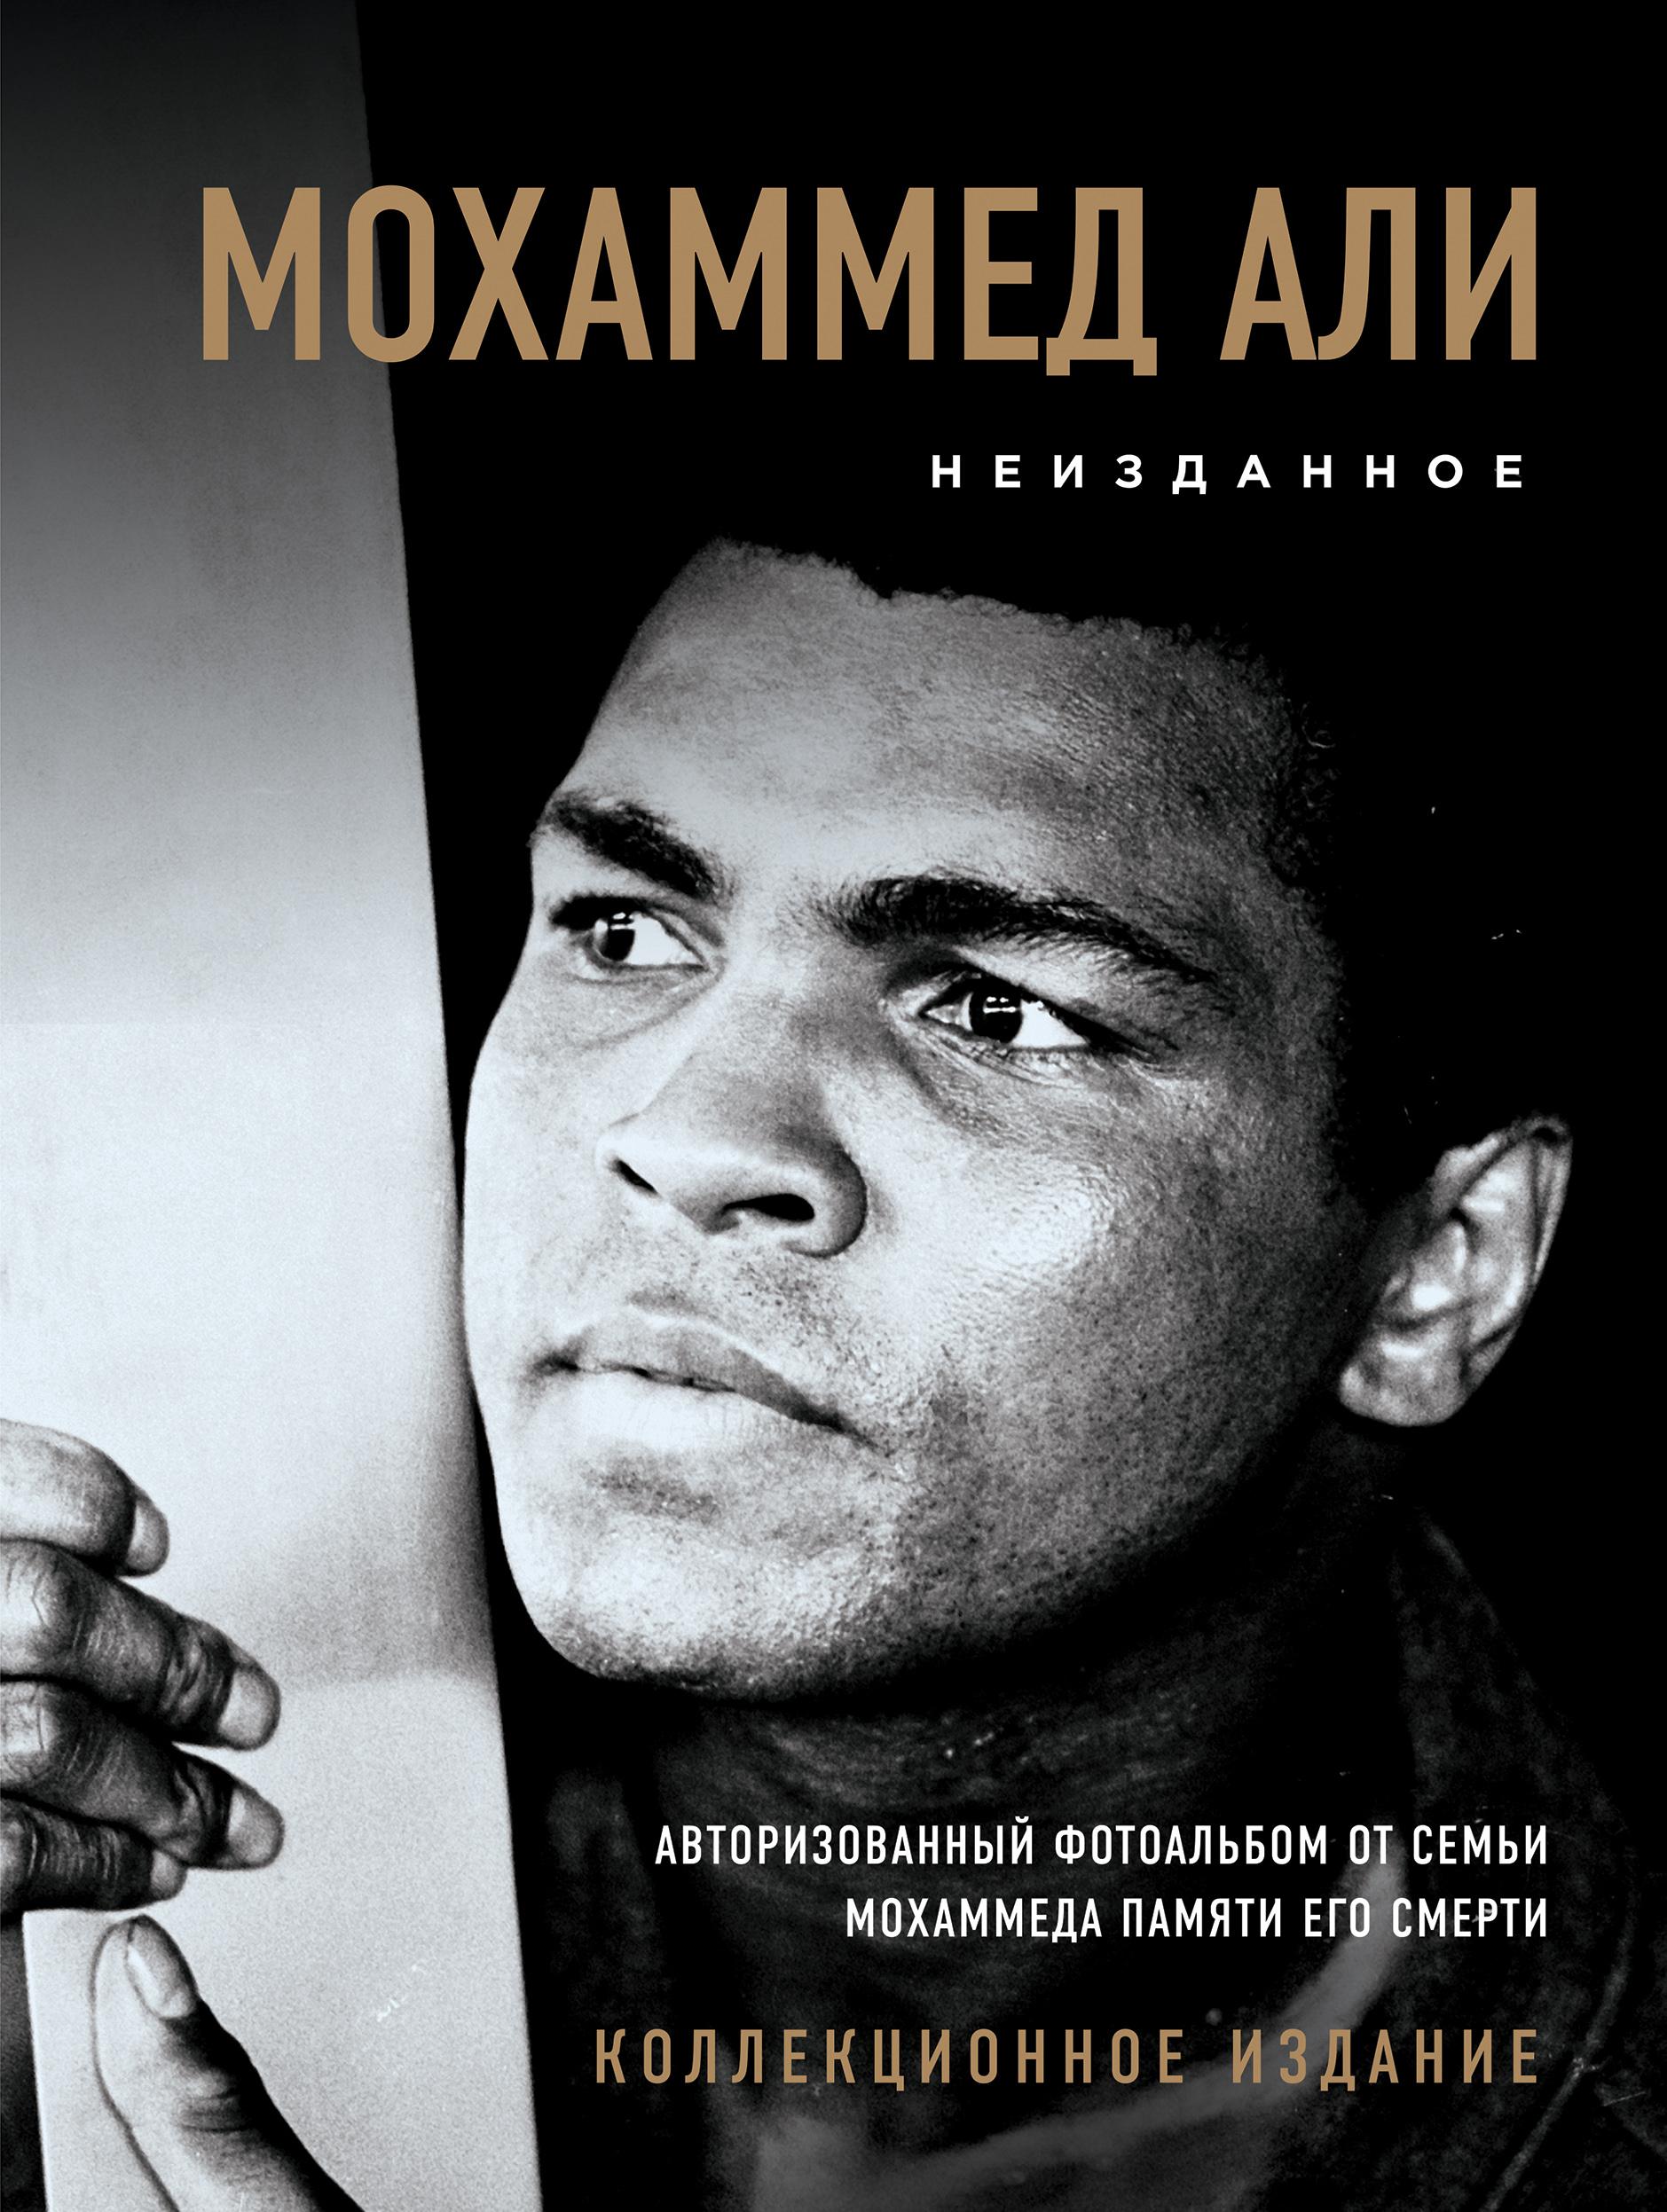 Мохаммед Али Мохаммед Али. Неизданное. Авторизованный фотоальбом от семьи Мохаммеда памяти его смерти